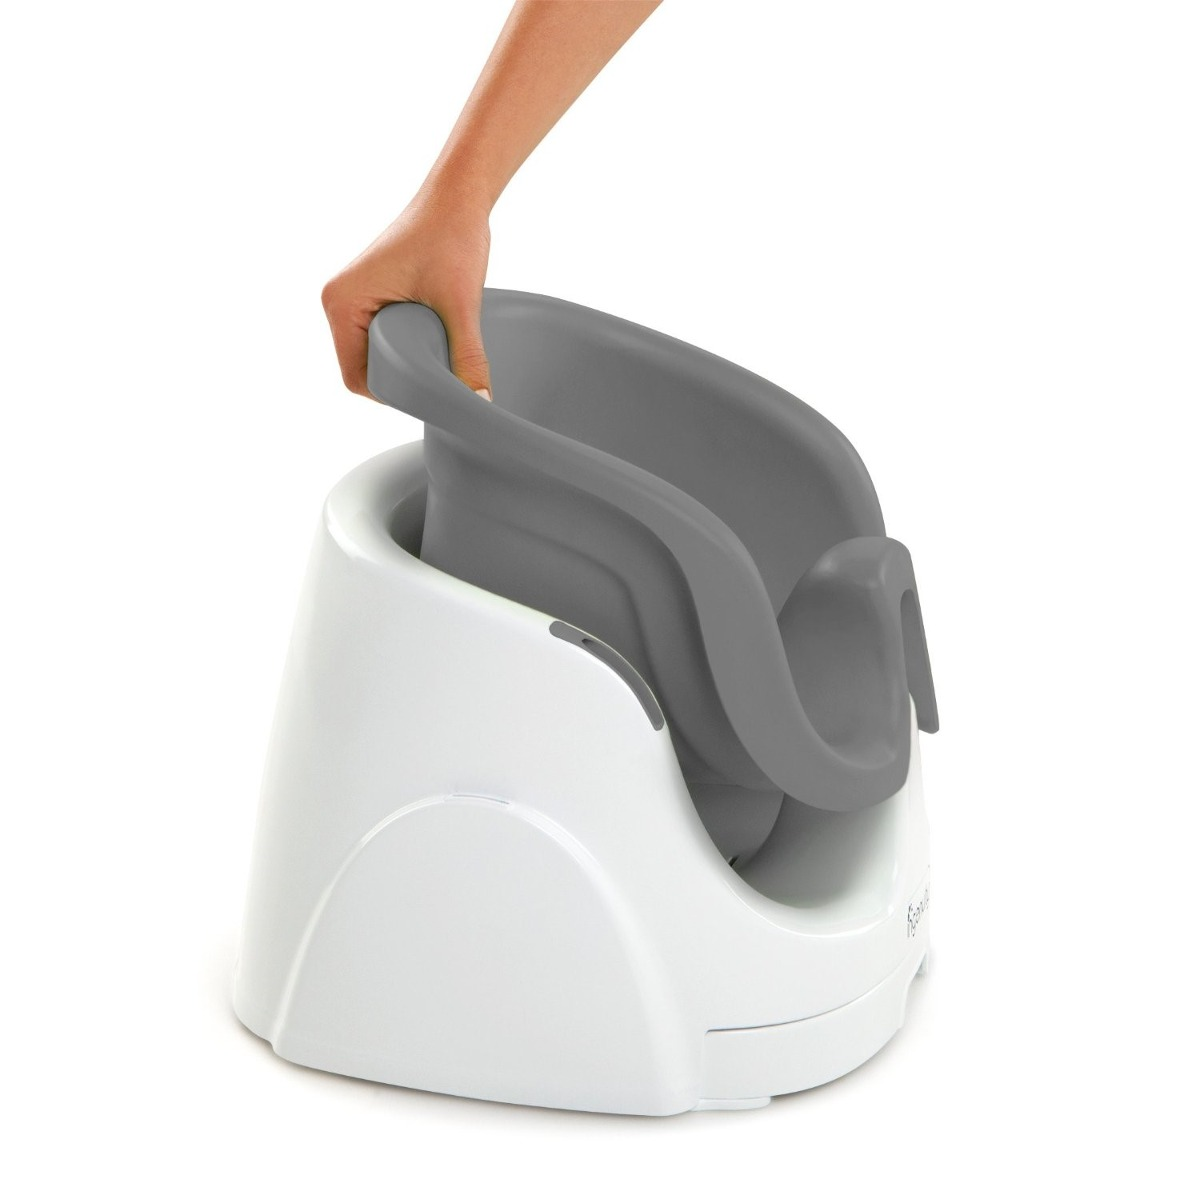 Silla Booster 2 En 1 Ingenuity Con Mesita Periquera Bumbo   115200 en Mercado Libre